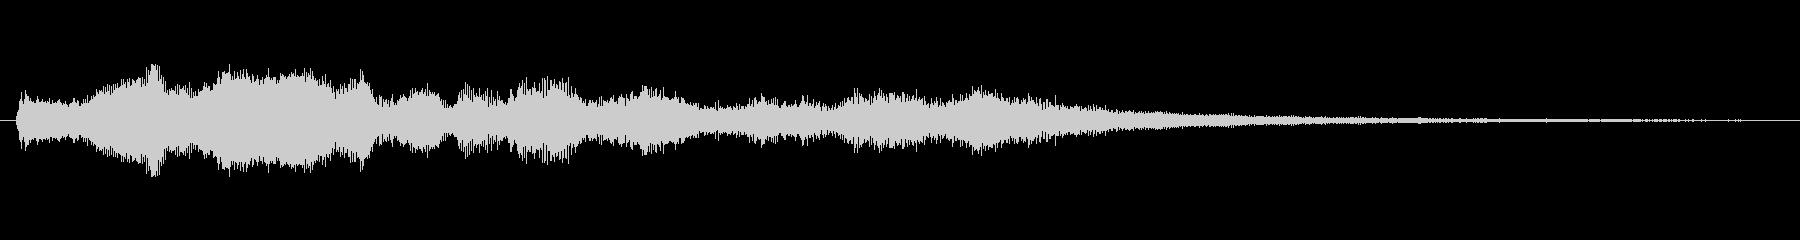 ボコーダ ボコーダーボーカル02の未再生の波形